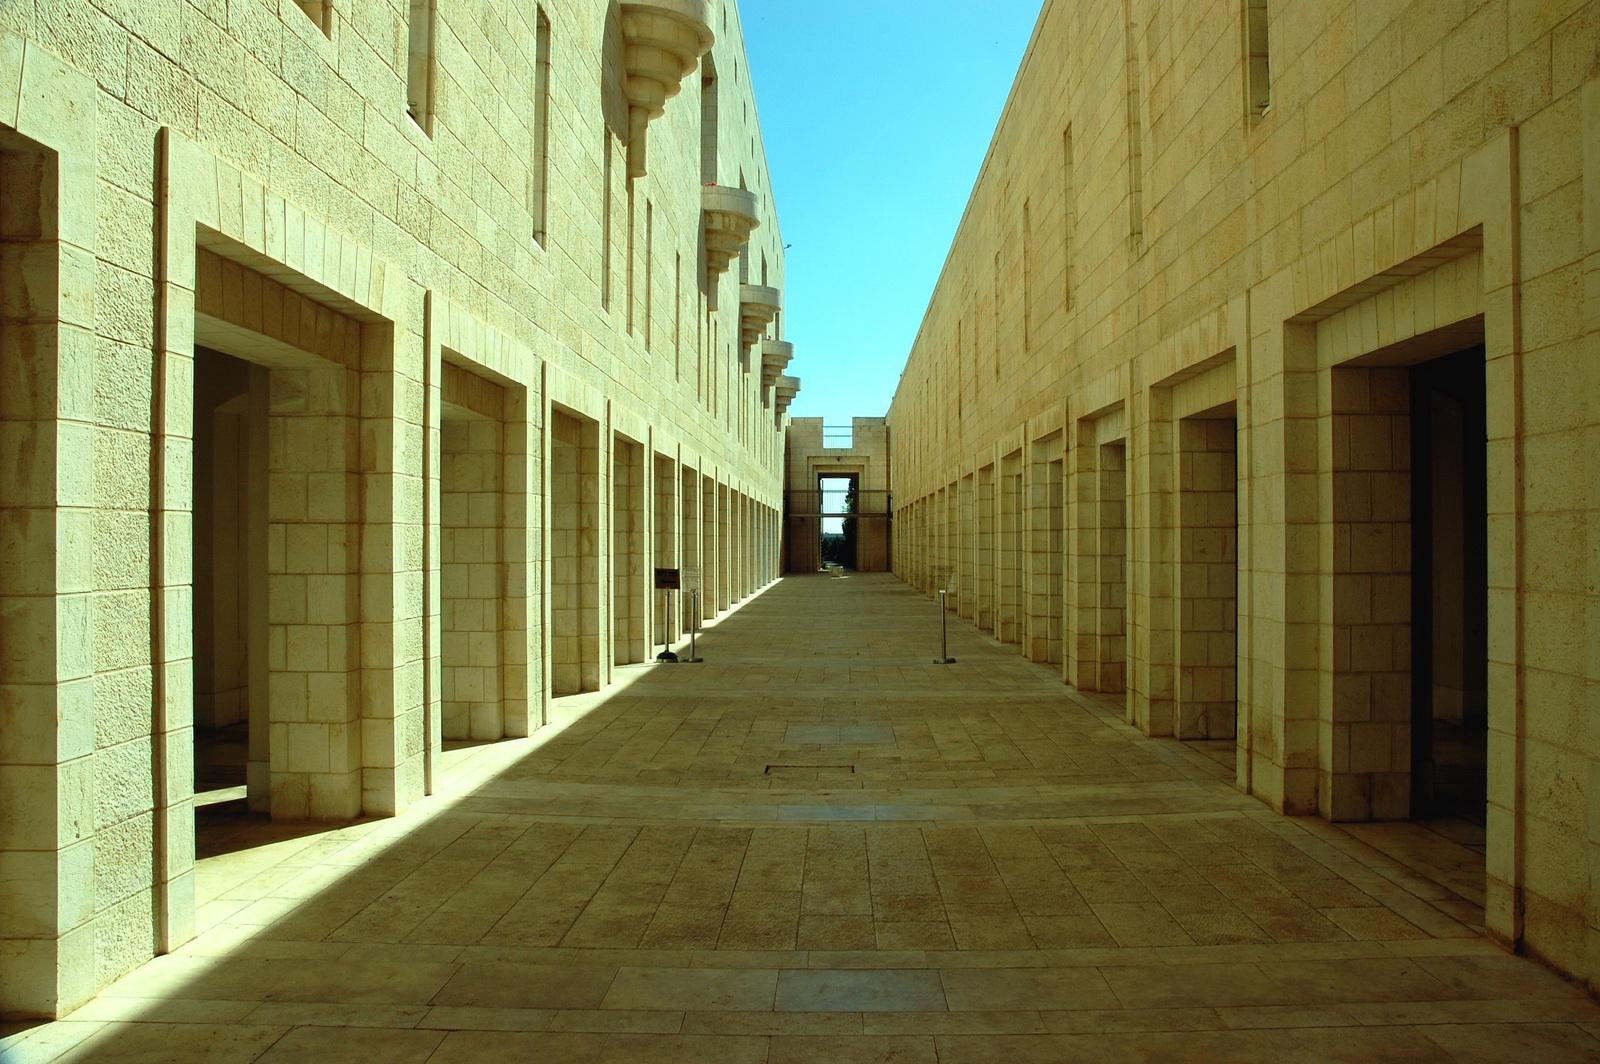 בית המשפט - האכסדרה המוליכה אל הכנסת